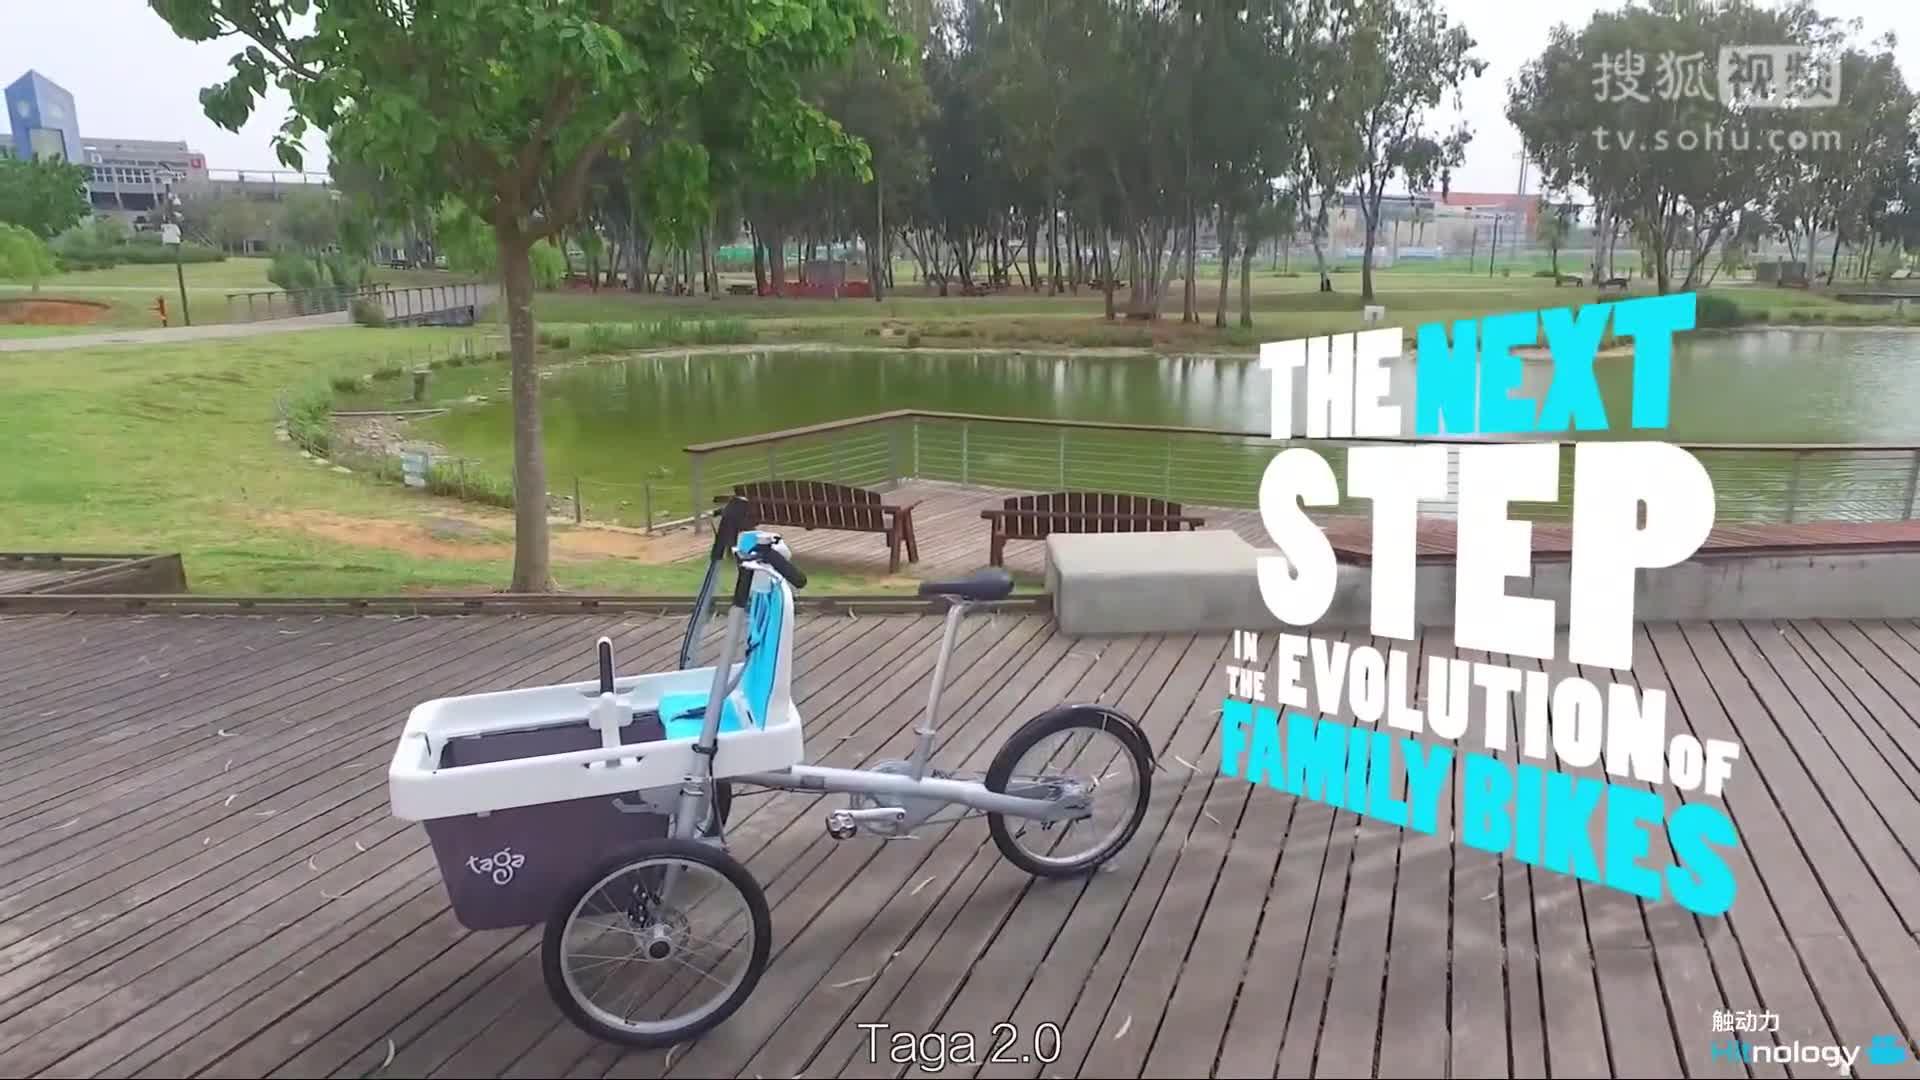 【触动力】既装孩子又装菜的顾家自行车Taga 2.0